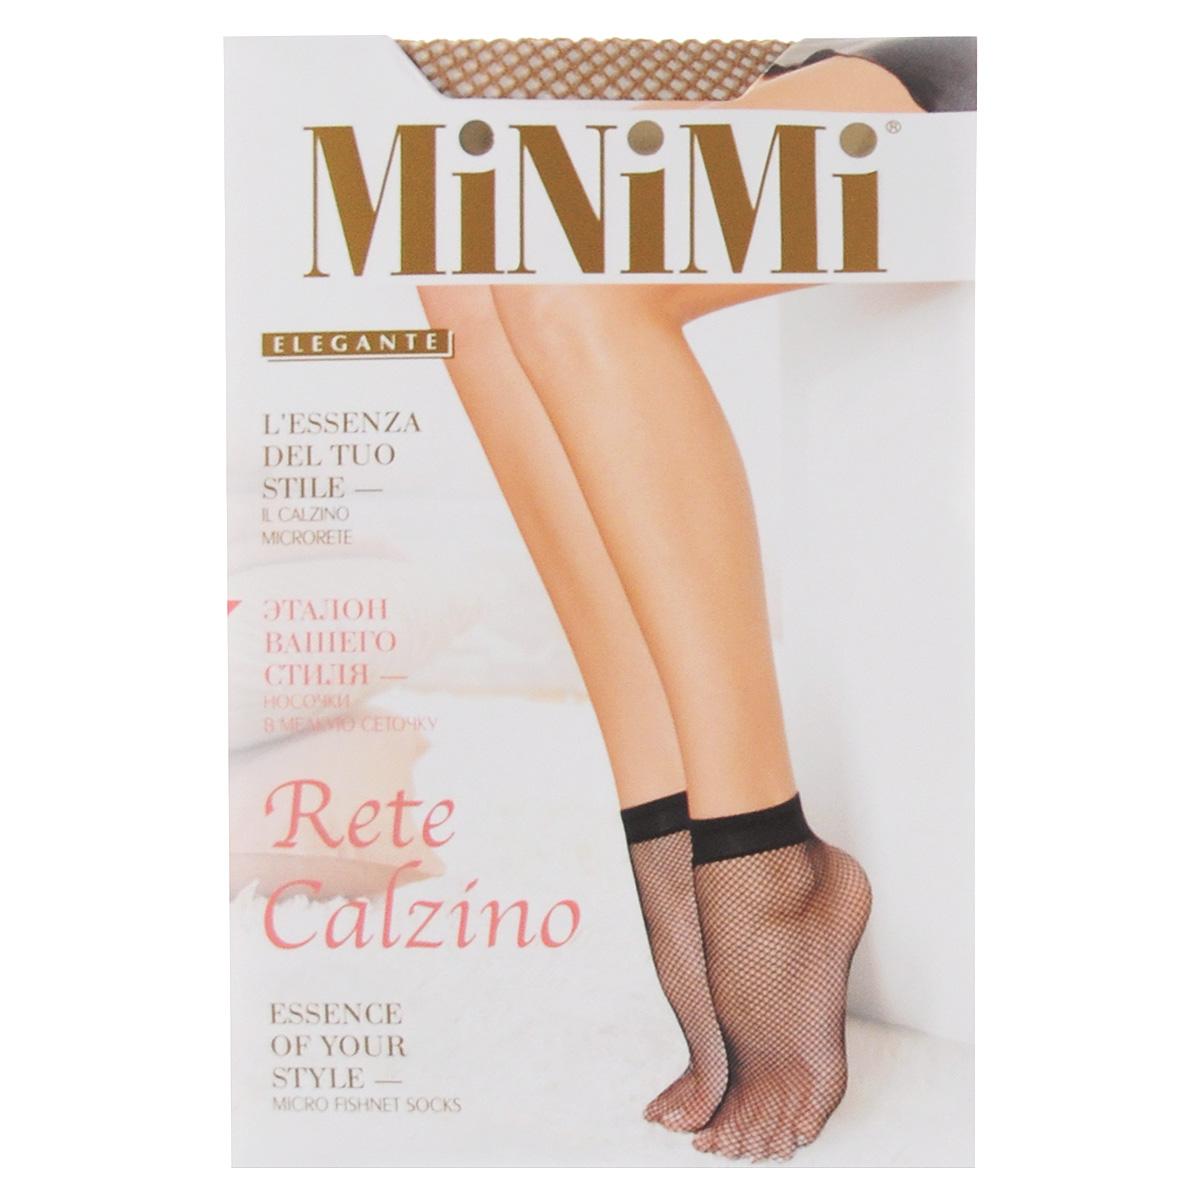 Носки женские Minimi Rete Calzino, цвет:  Daino (загар).  Размер универсальный Minimi